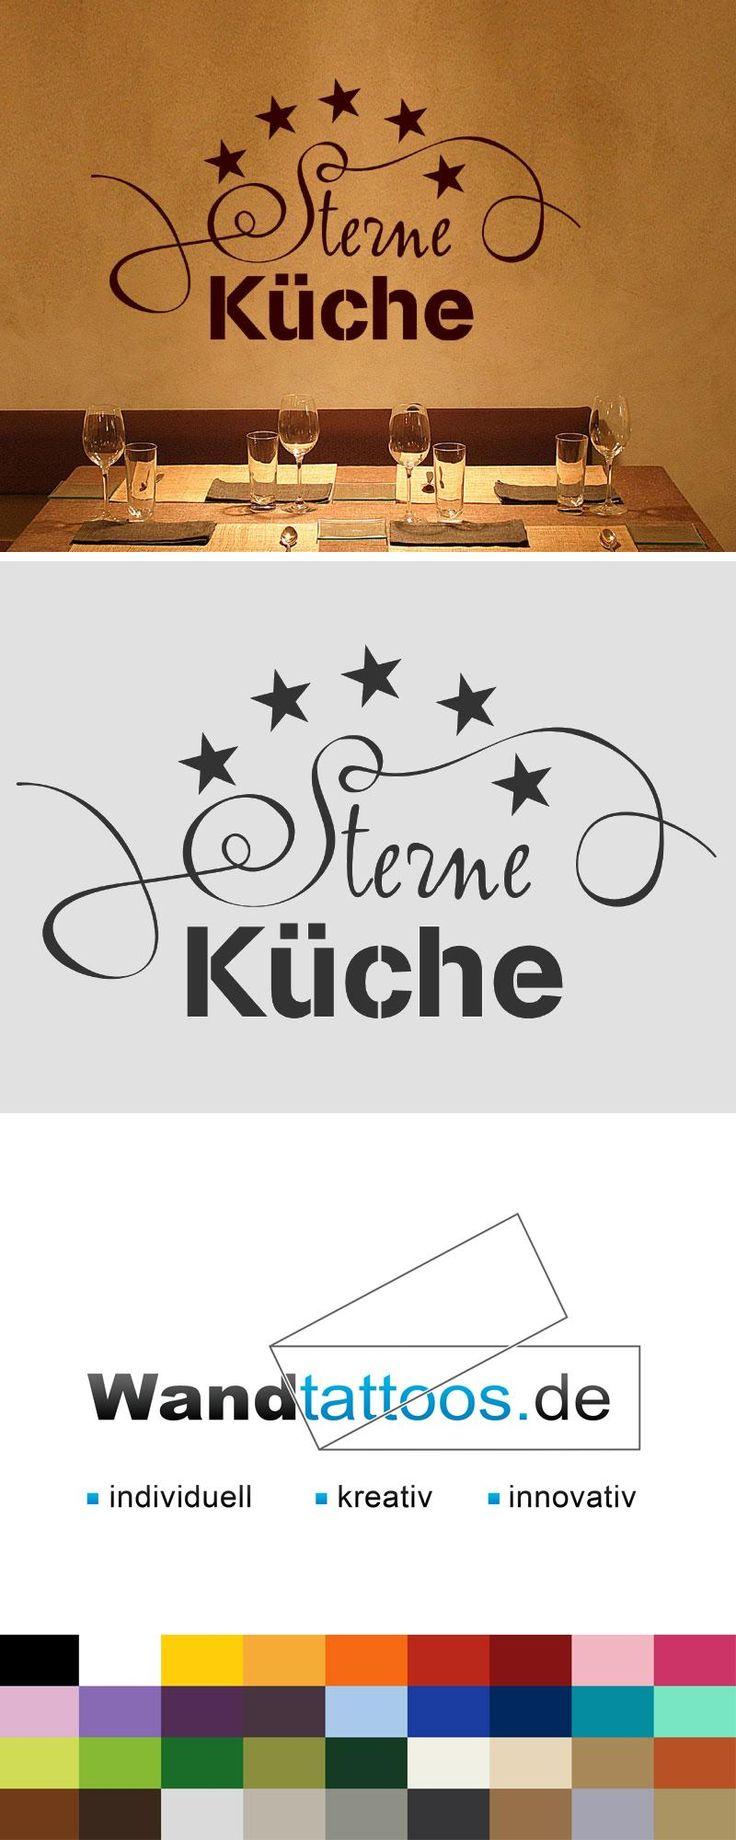 Wandtattoo Sterne Küche als Idee zur individuellen Wandgestaltung. Einfach Lieblingsfarbe und Größe auswählen. Weitere kreative Anregungen von Wandtattoos.de hier entdecken!